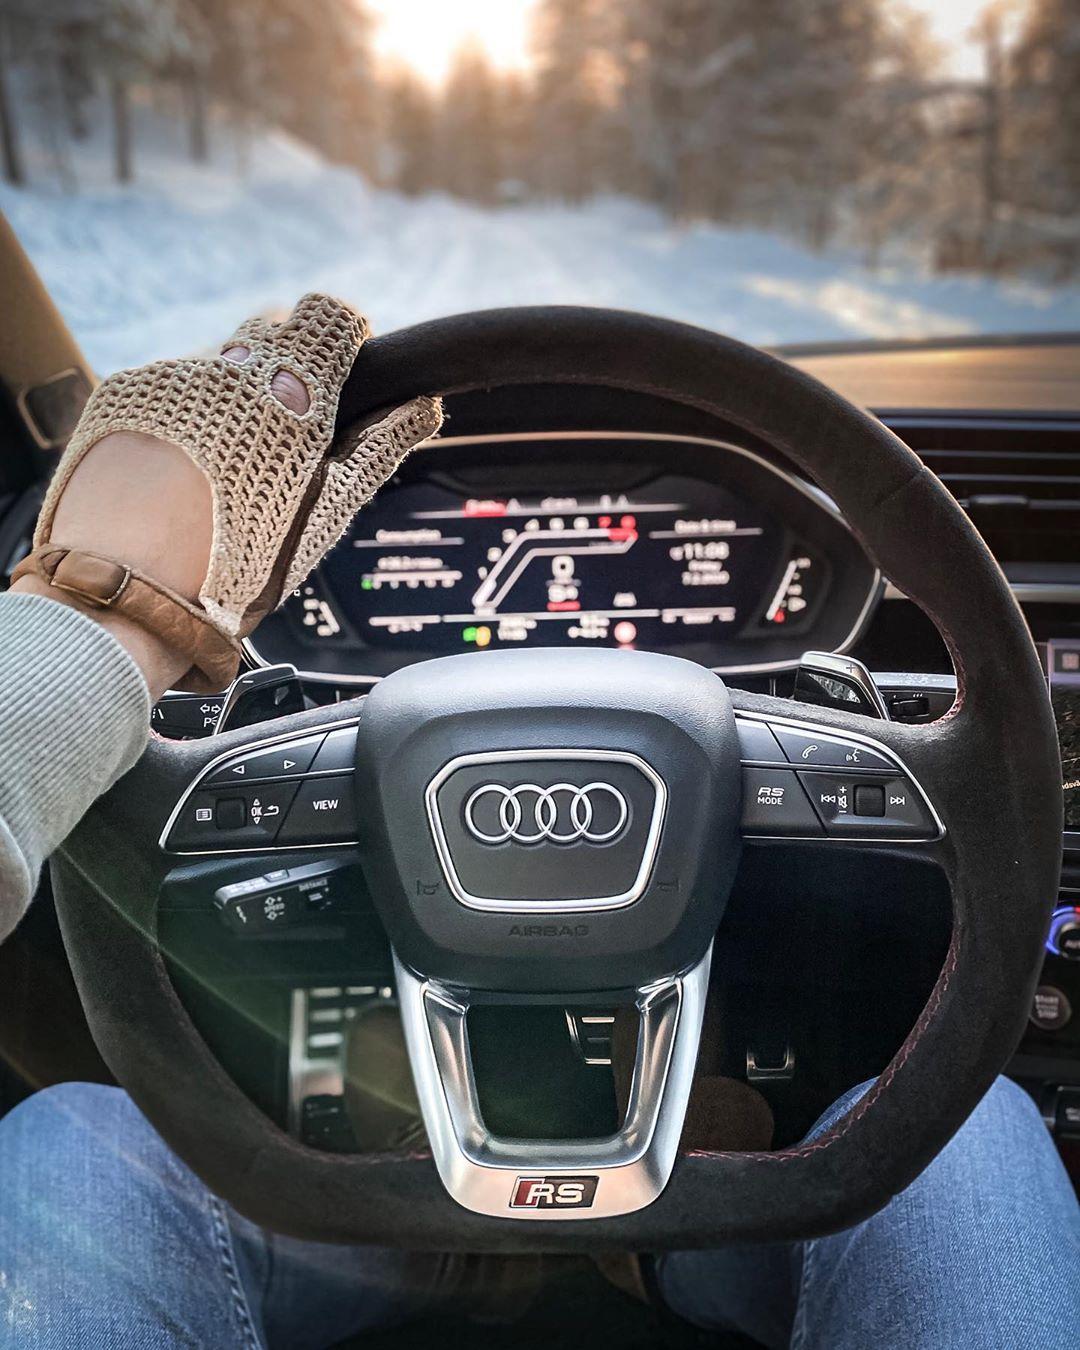 🔥RS Q3 drive in Sweden😱…Nardo-Grey + BLACK design pack & wheels never grows old🤷♂️ @audi_de @audisport #audisport #audirs #audirsq3 #rsq3 #rsq3sportback #audirsq3sportback #snow #sweden #arvidsjaur #automanntv